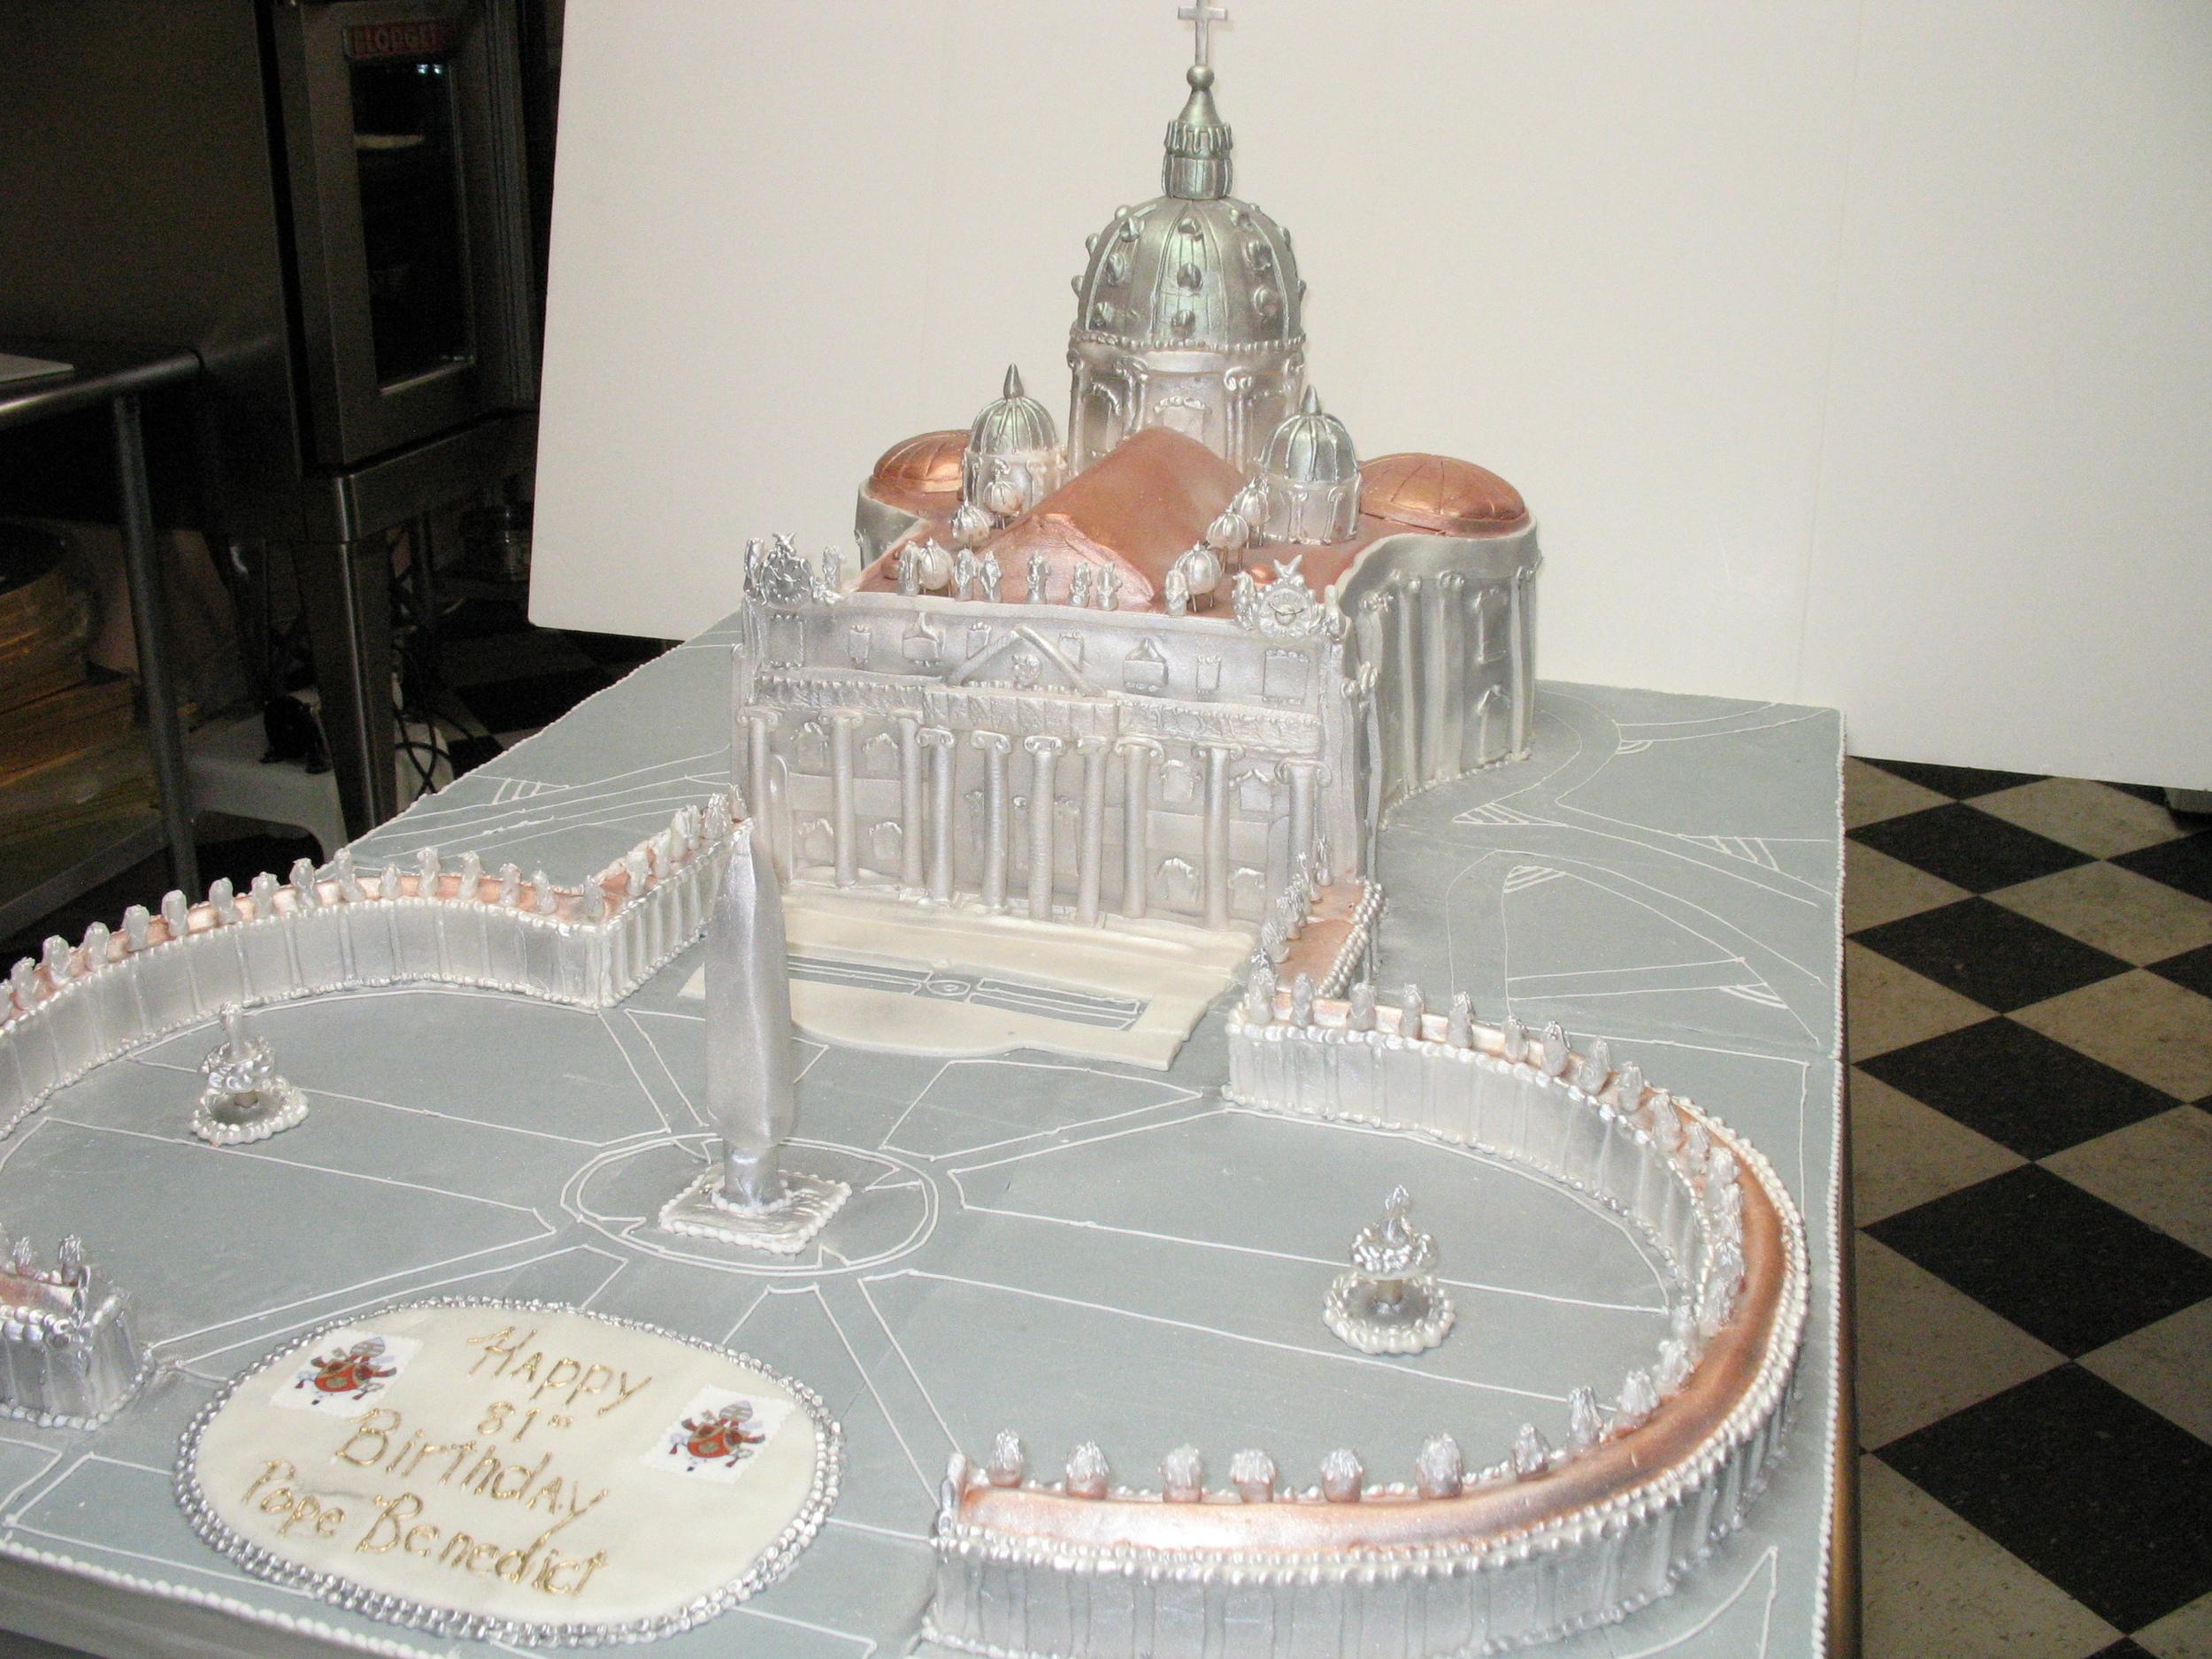 Pope Benedict's Birthday Cake